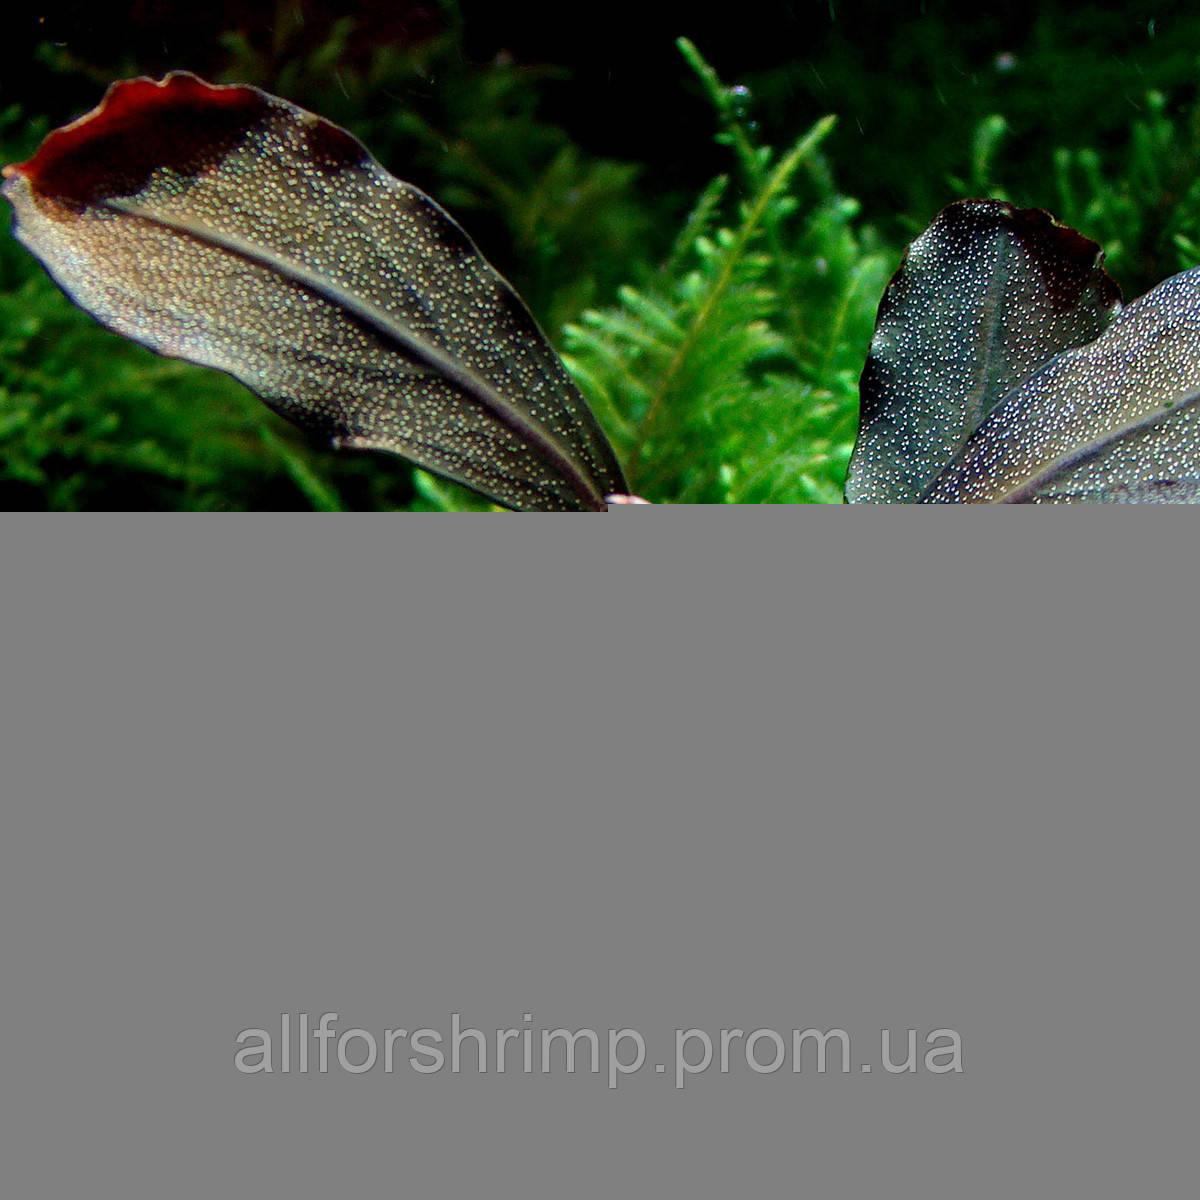 Буцефаландра / Bucephalandra sp. Kir Royale, отросток 5 листов.